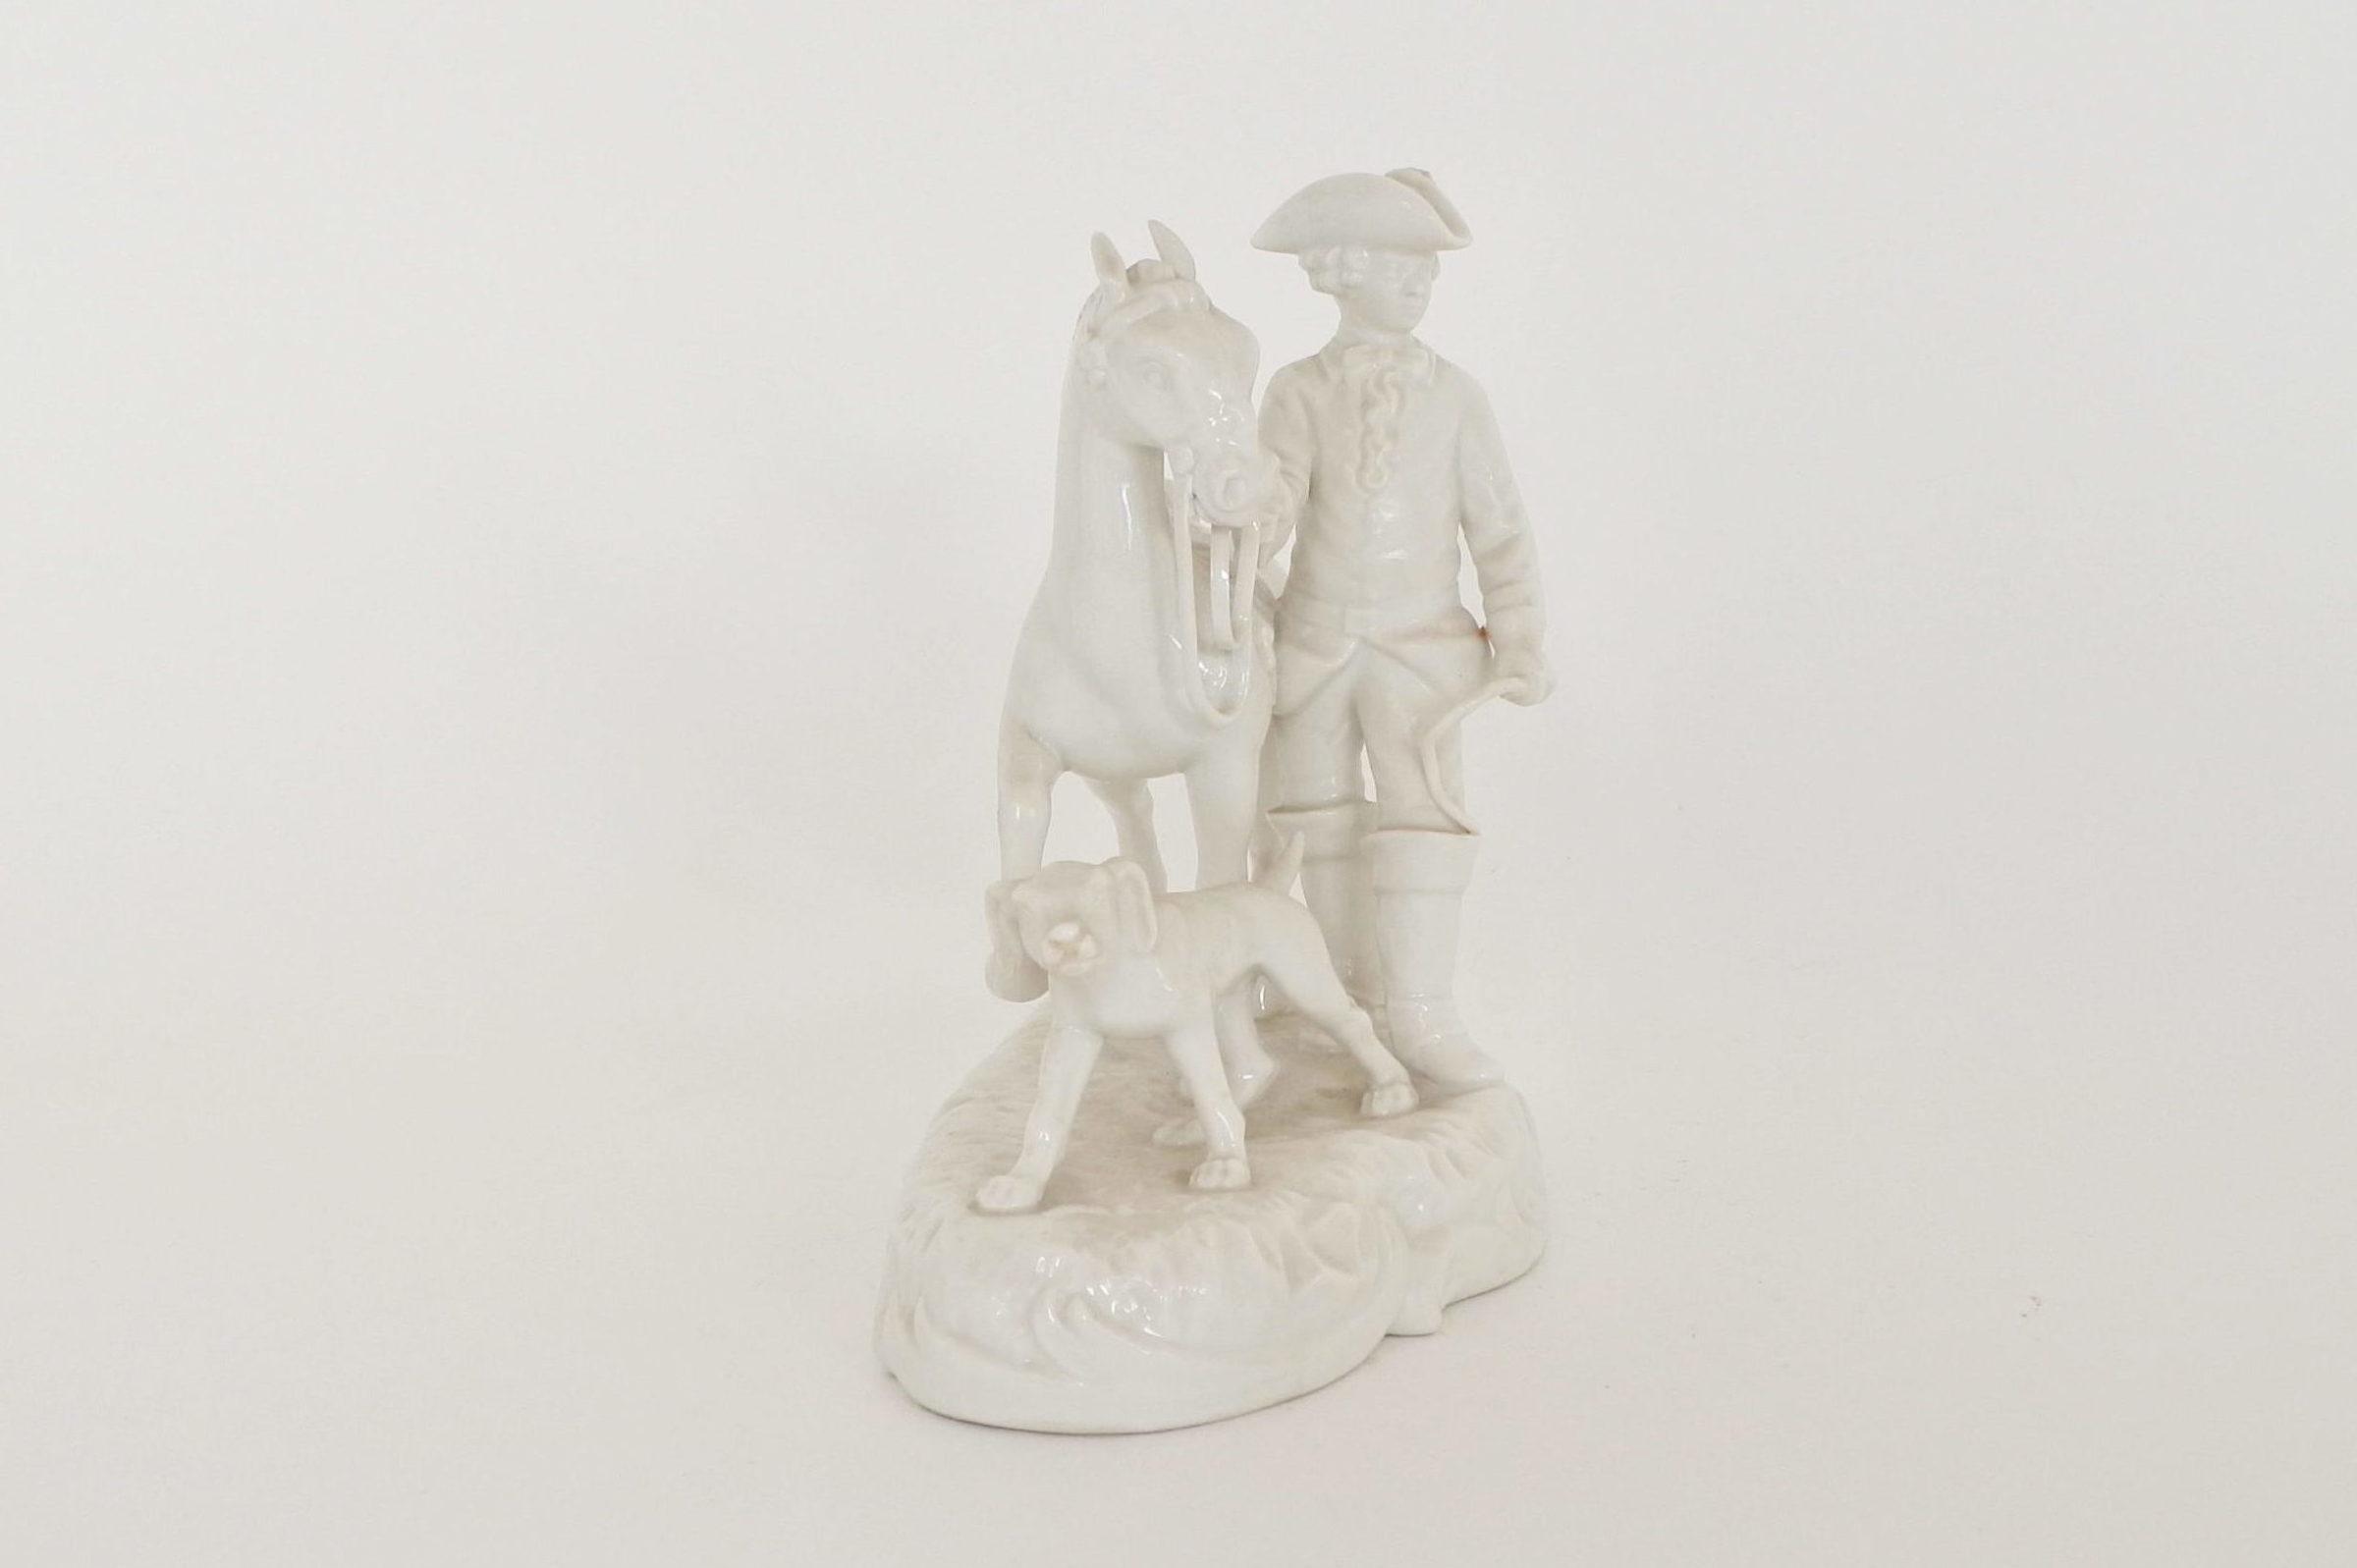 Statuina in porcellana bianca con cavaliere cavallo e cane - 2